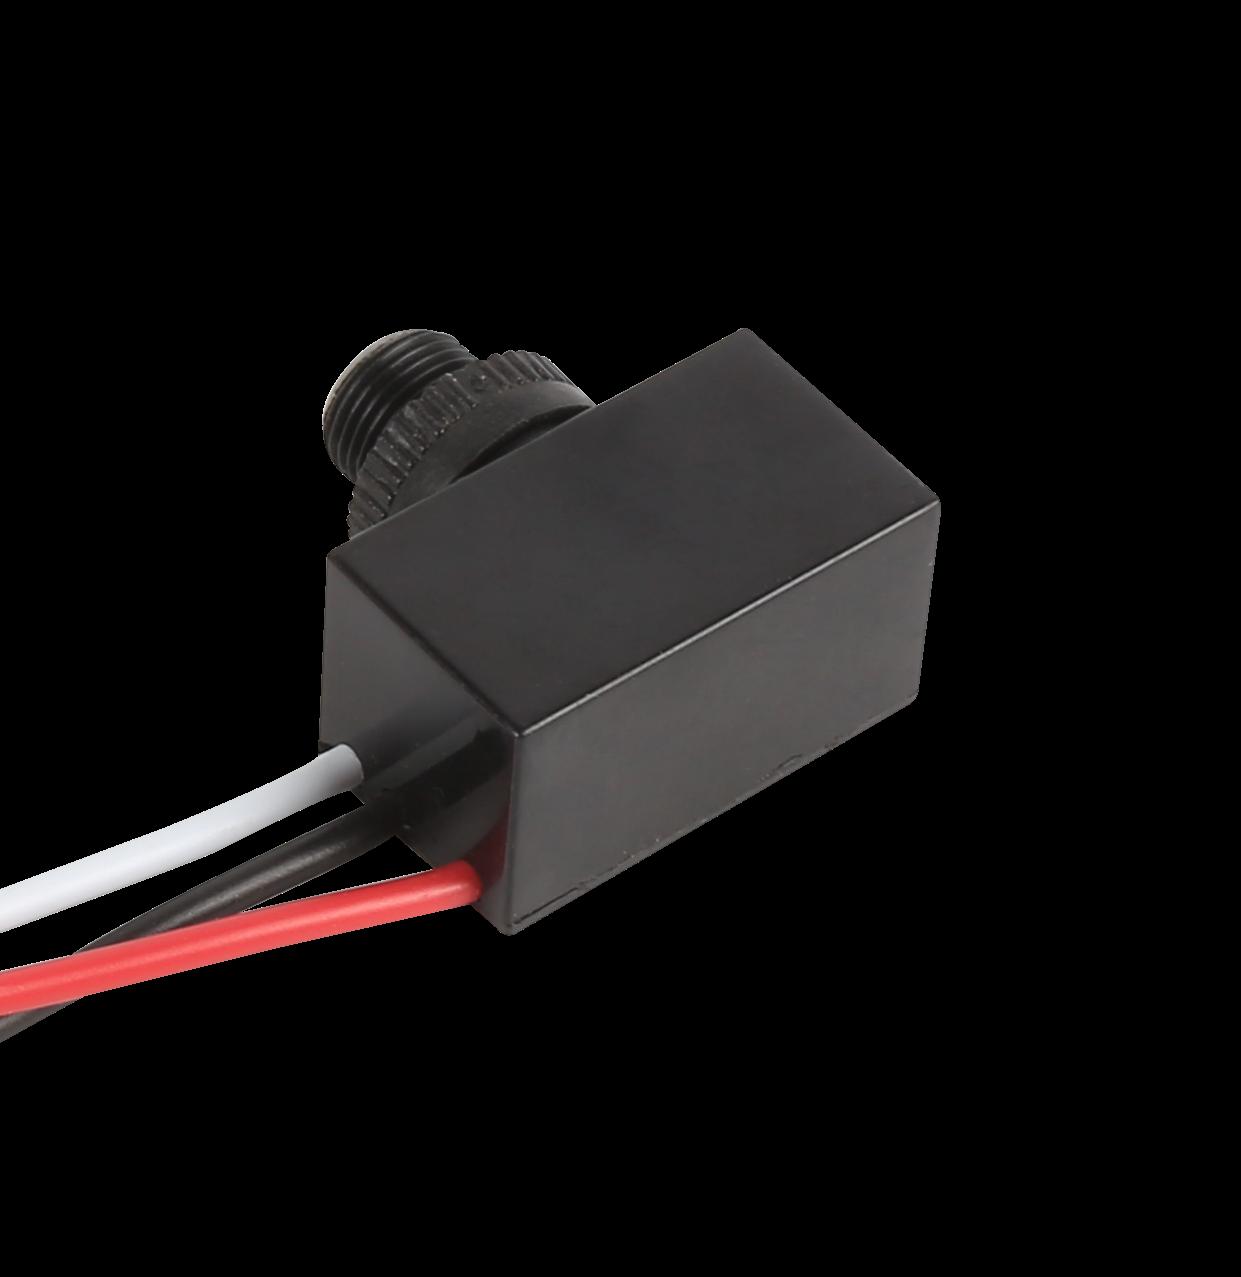 迷你型 光控开关 光电 感应器 路灯 光感器 路灯控制器 光传感器